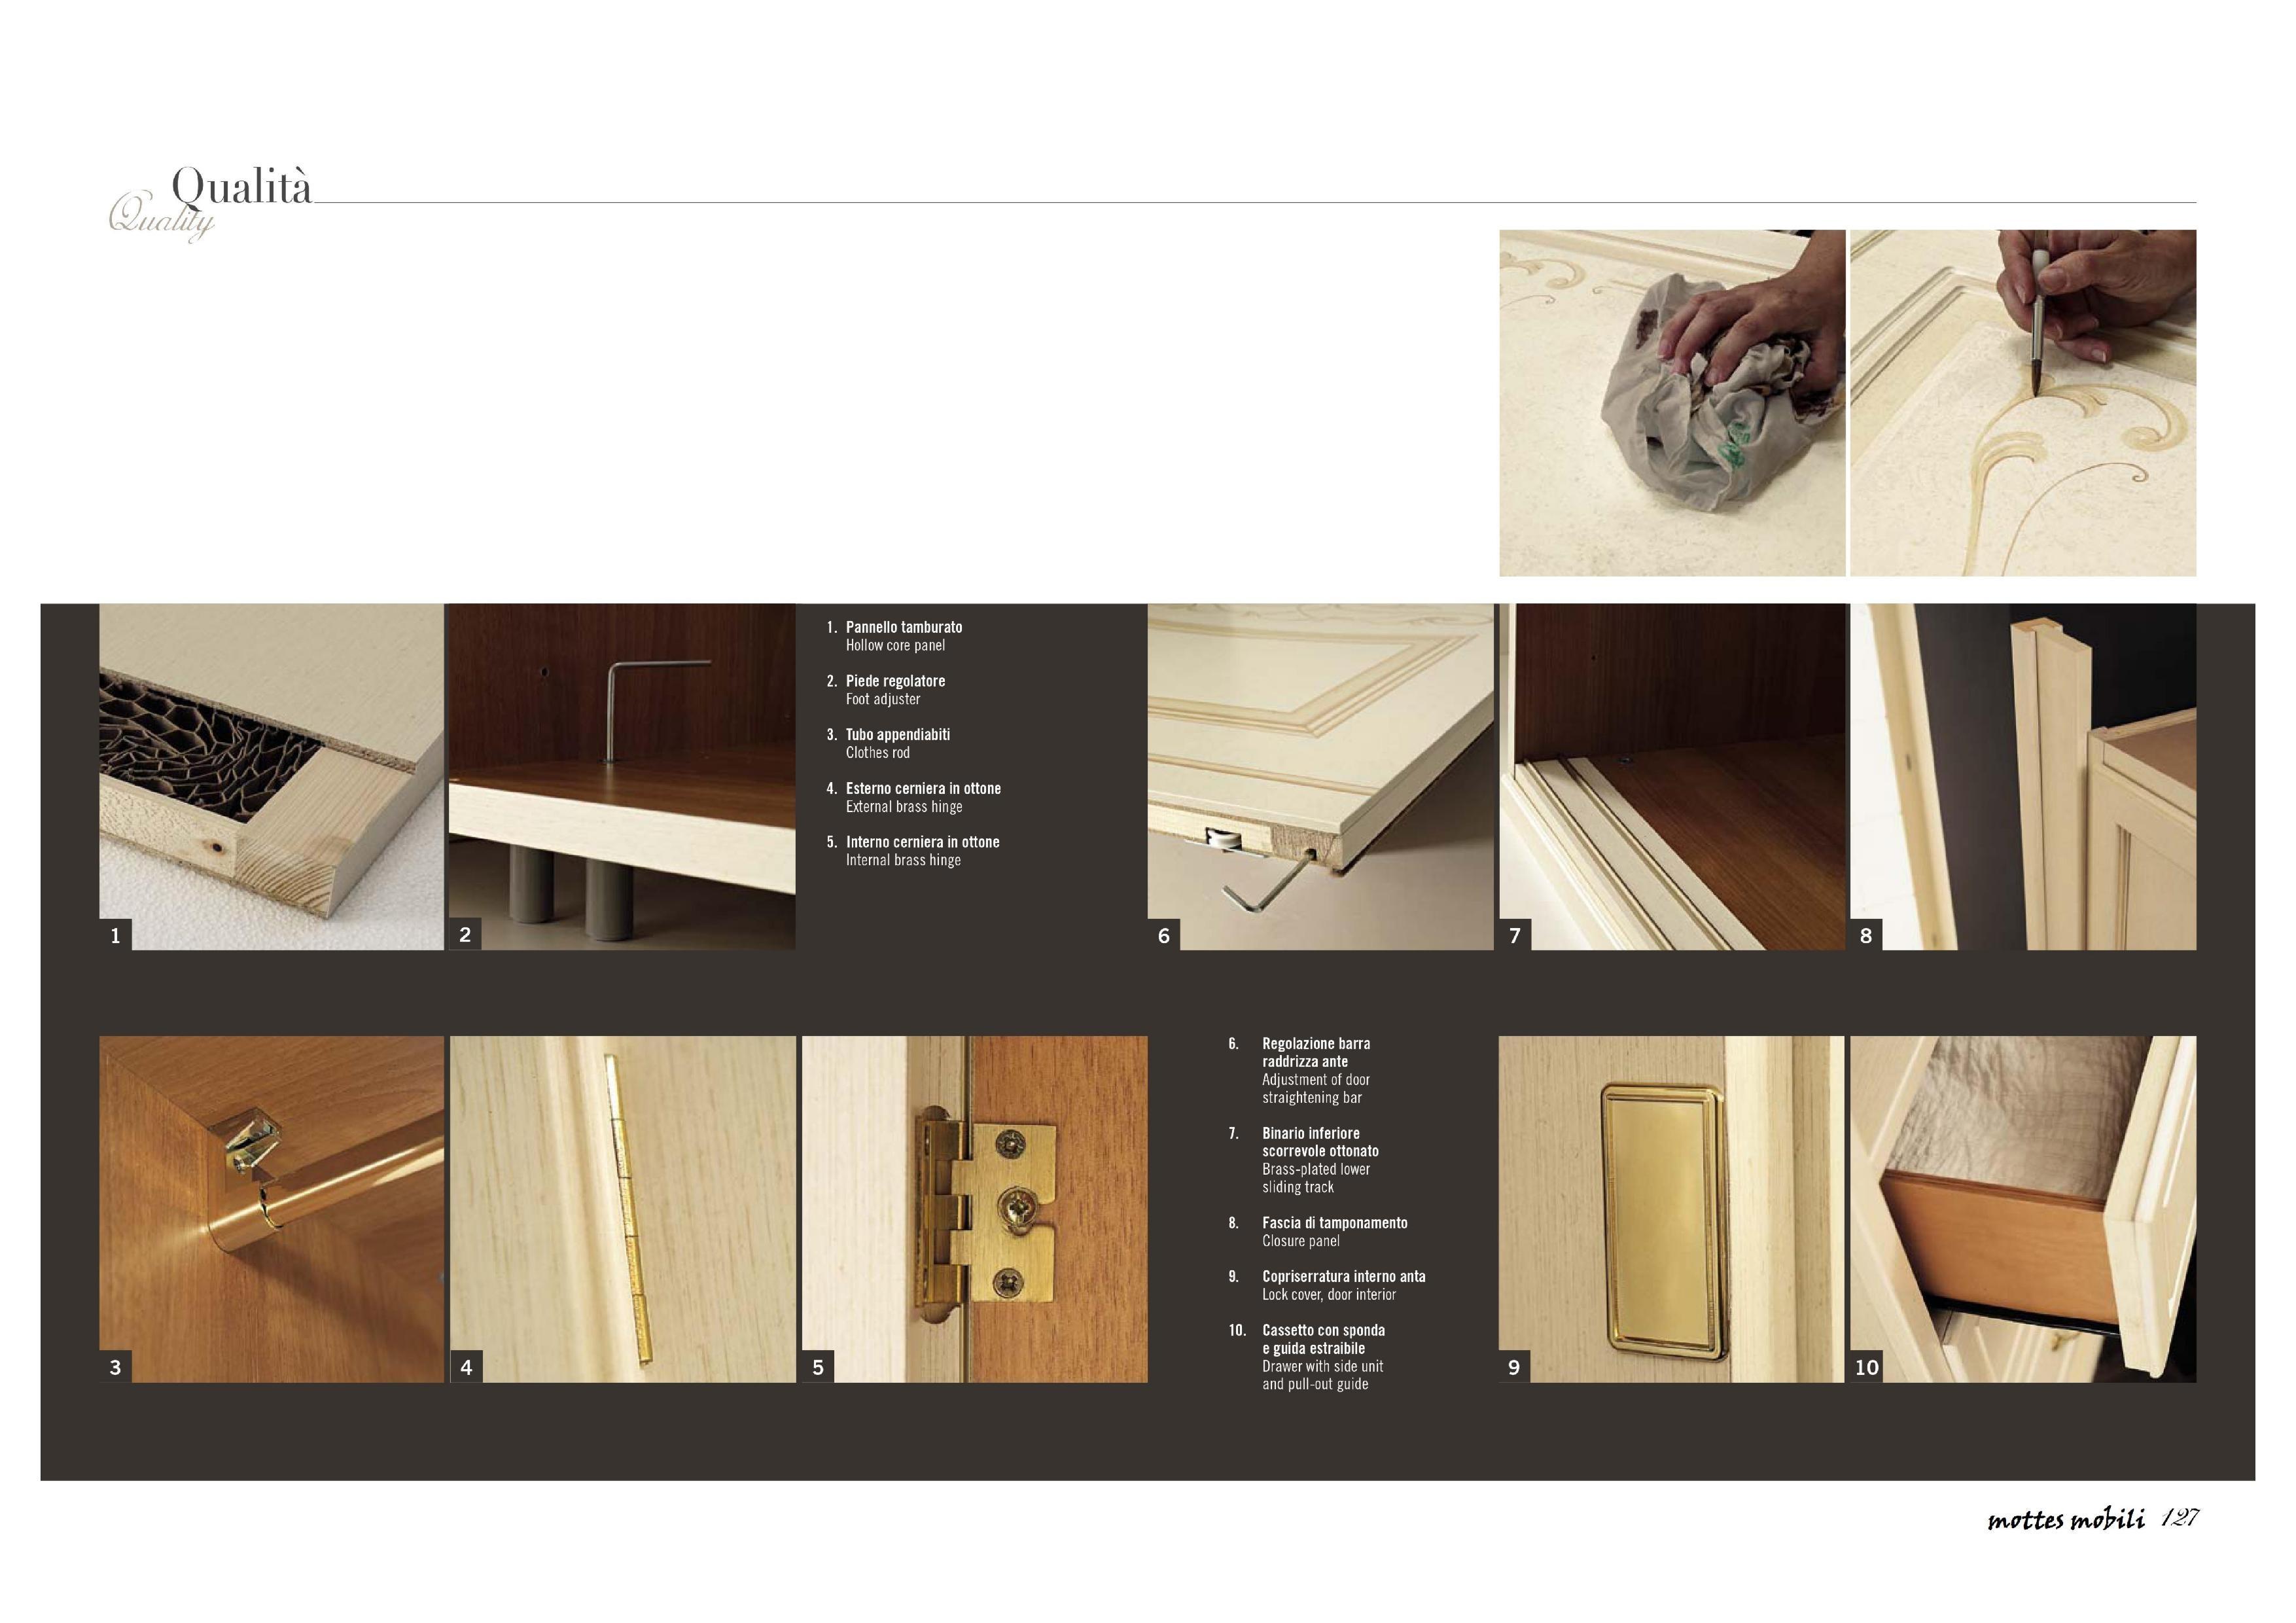 Armadio ante battenti in legno classico style provenzale - Armadi ...